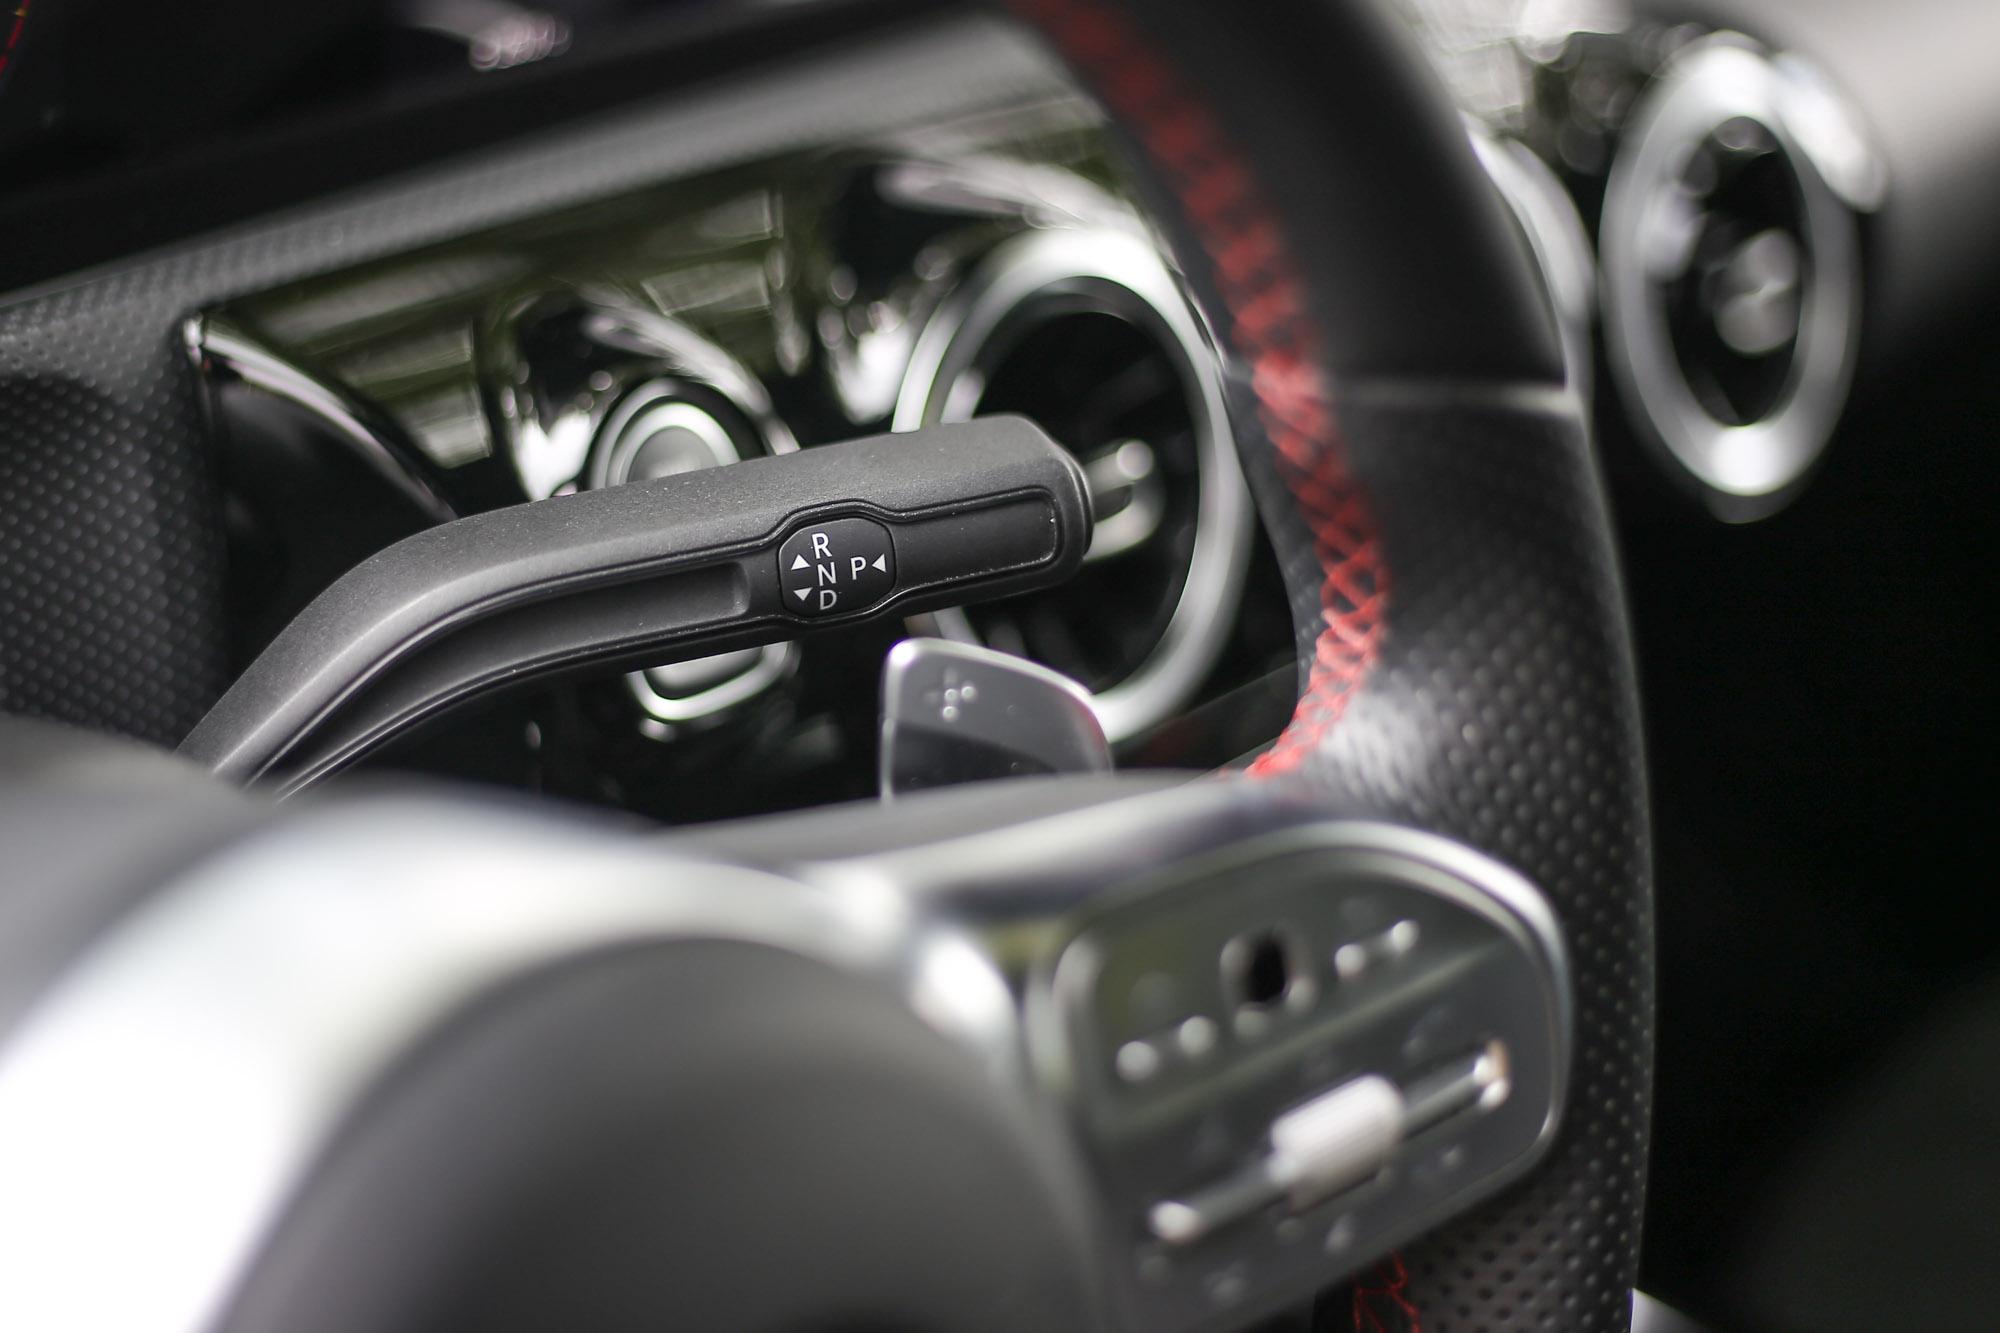 搭配七速雙離合器自手排變速系統後,可於 6.2 秒完成 0-100km/h 加速過程。